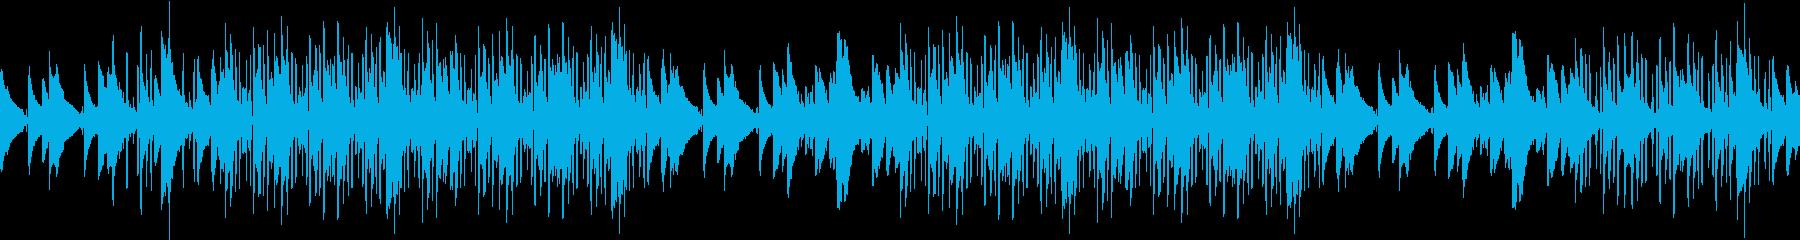 ピアノ・緊迫・ヒップホップ・孤独・ループの再生済みの波形